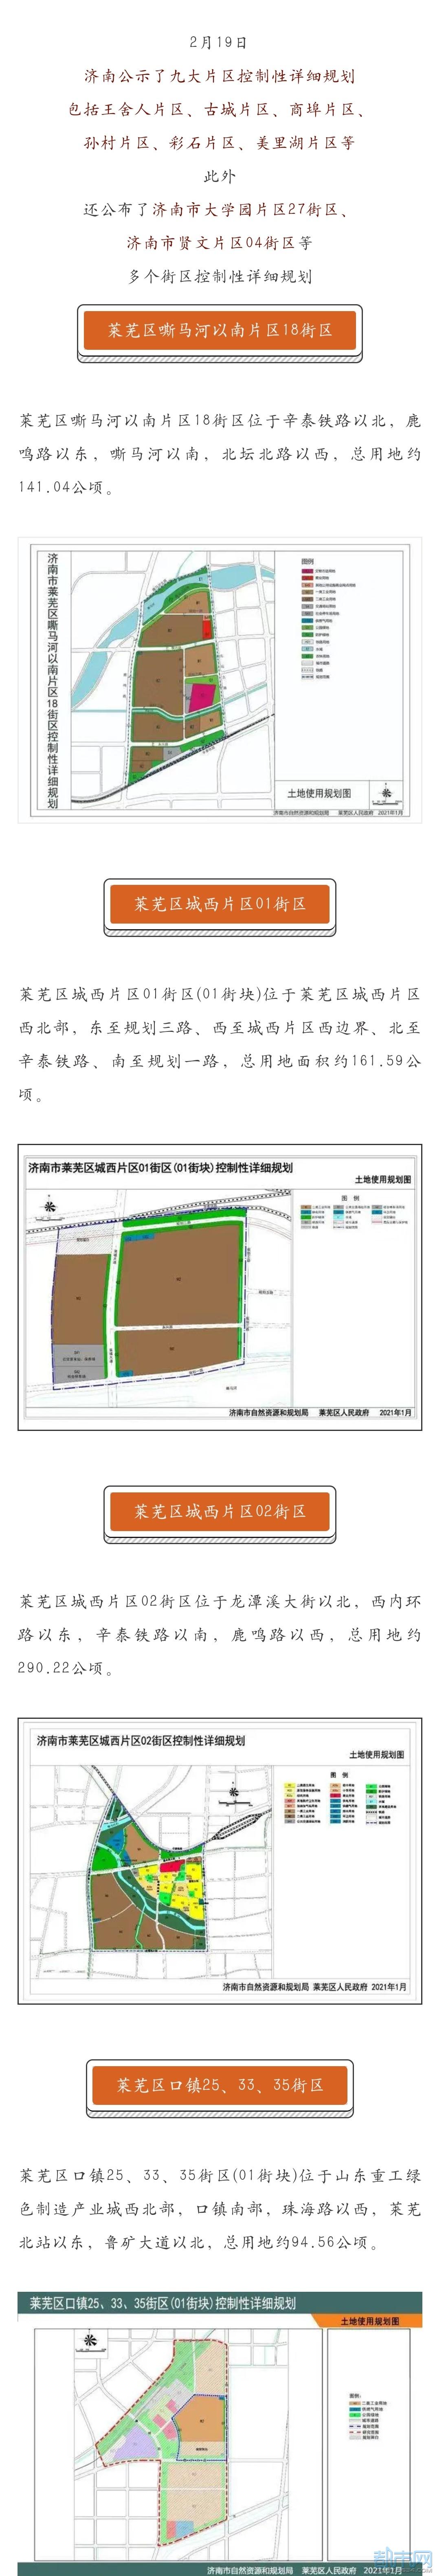 微信图片_20210220083655.jpg